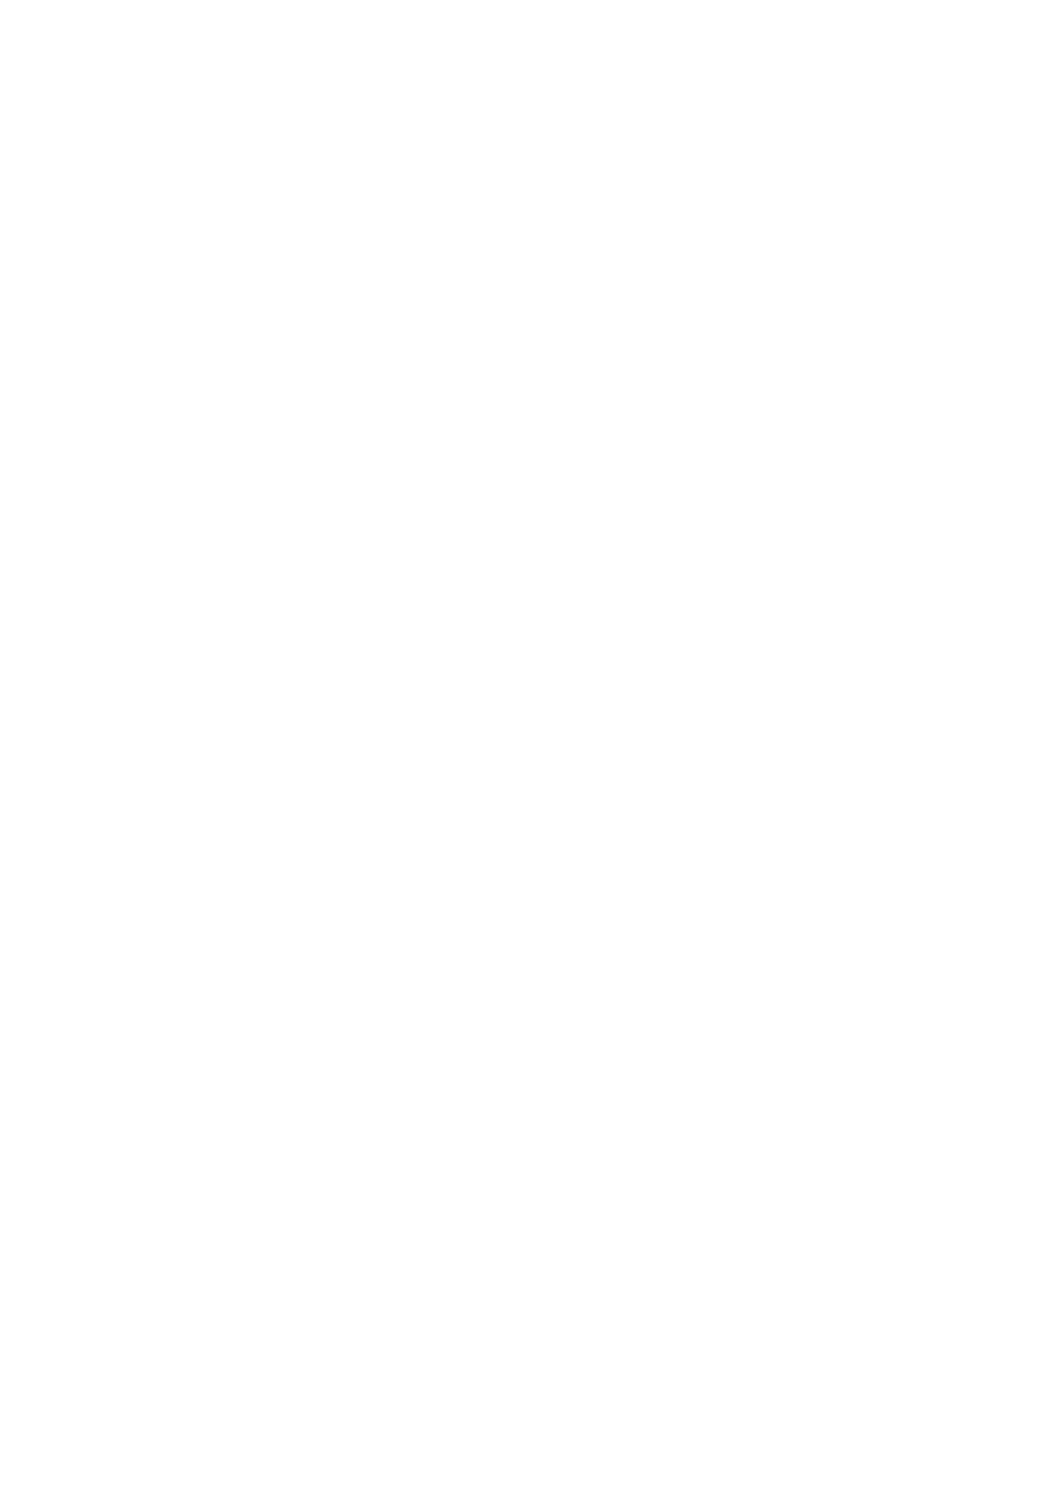 Kategoria_POS_Debiuty_BRIEF